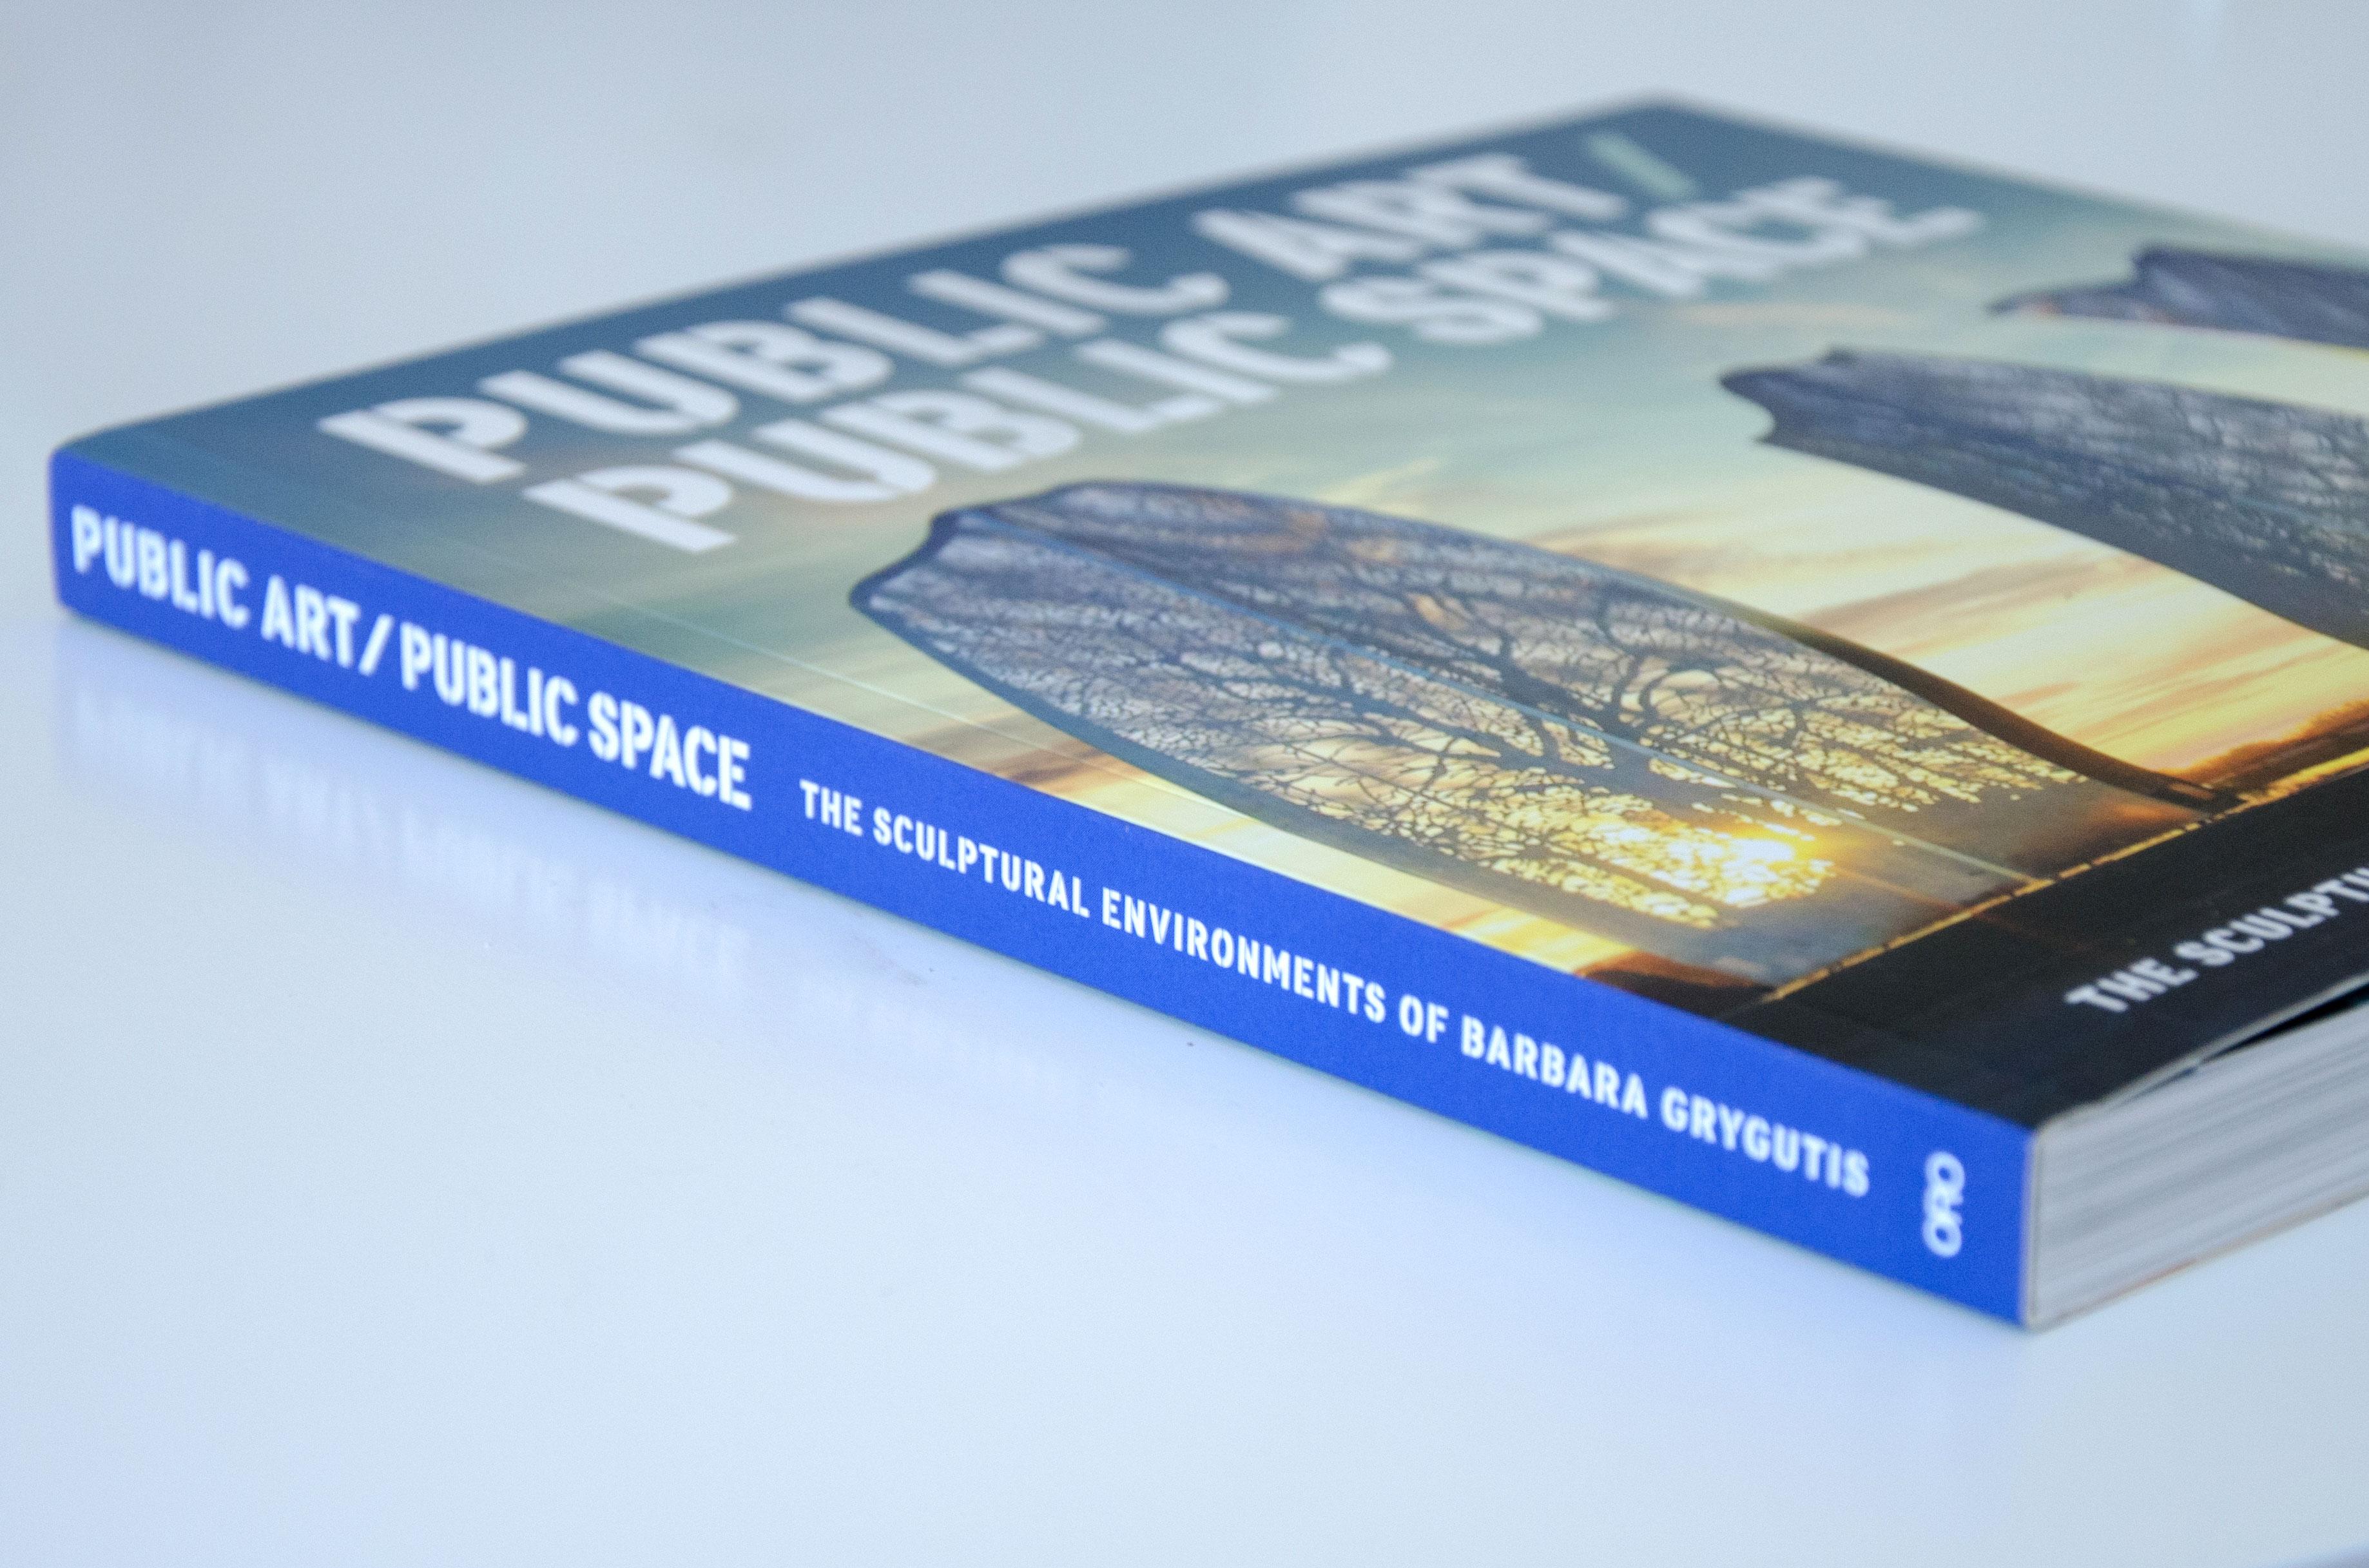 Public Art / Public Space 2